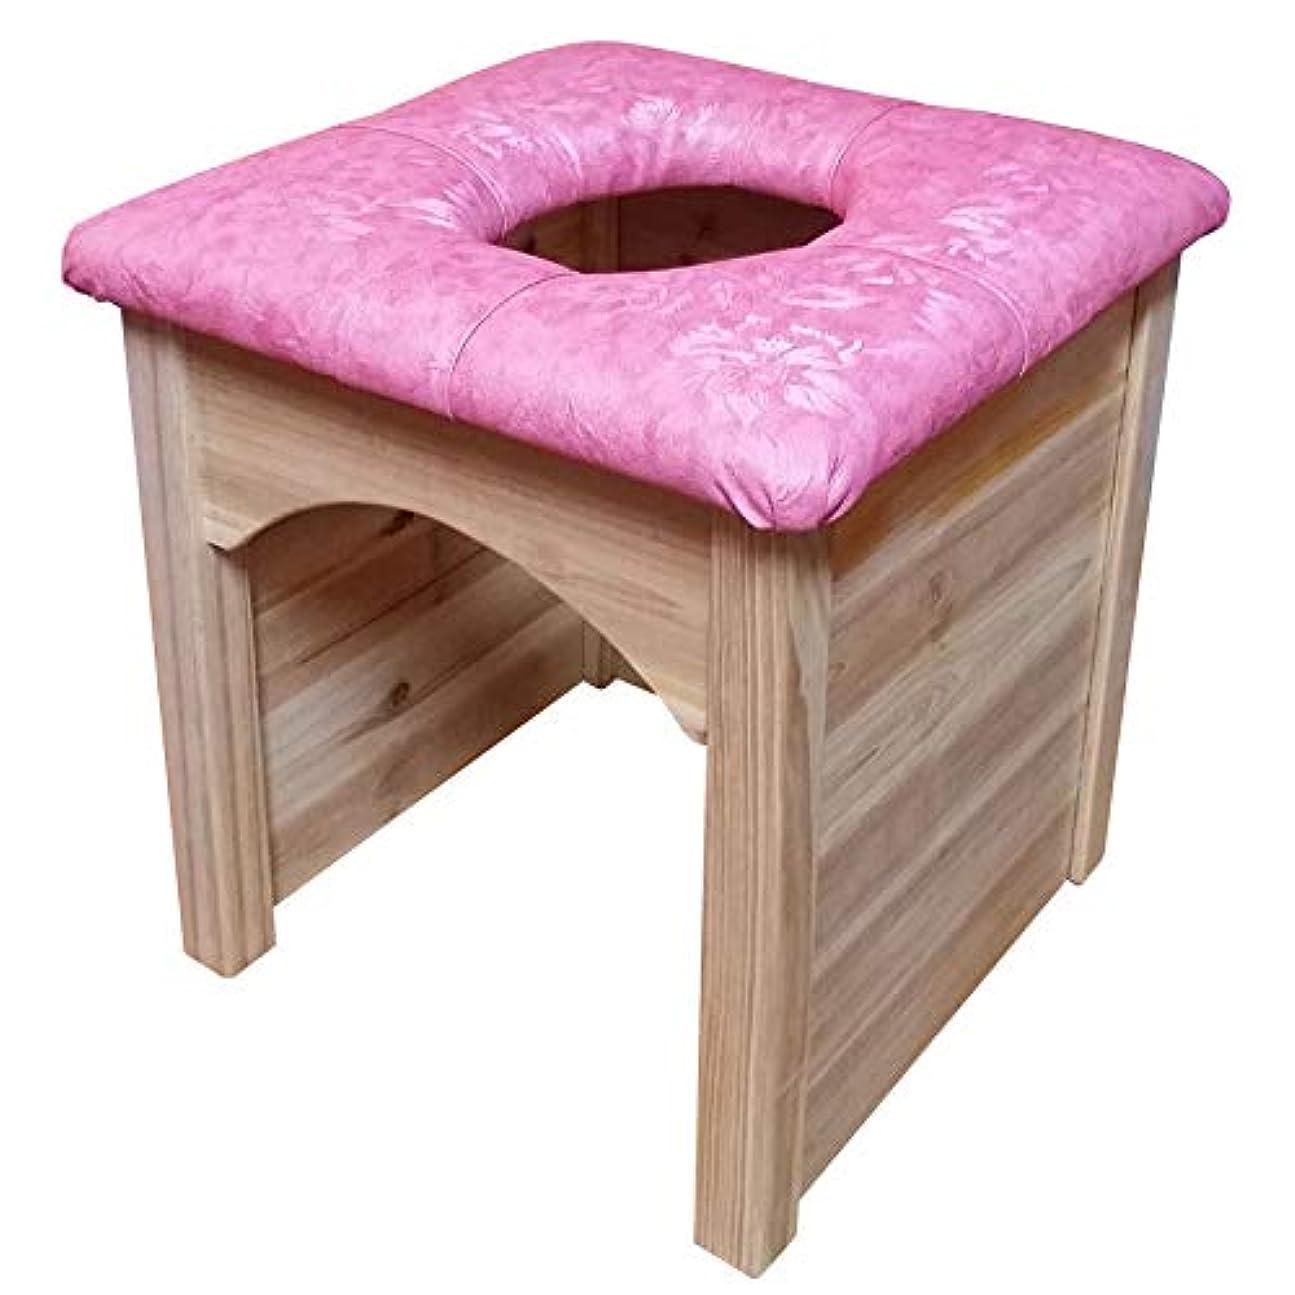 民間人秘書一緒によもぎ蒸しサロンの悪くなった椅子を切り替えたい経営者の為の椅子だけ販売